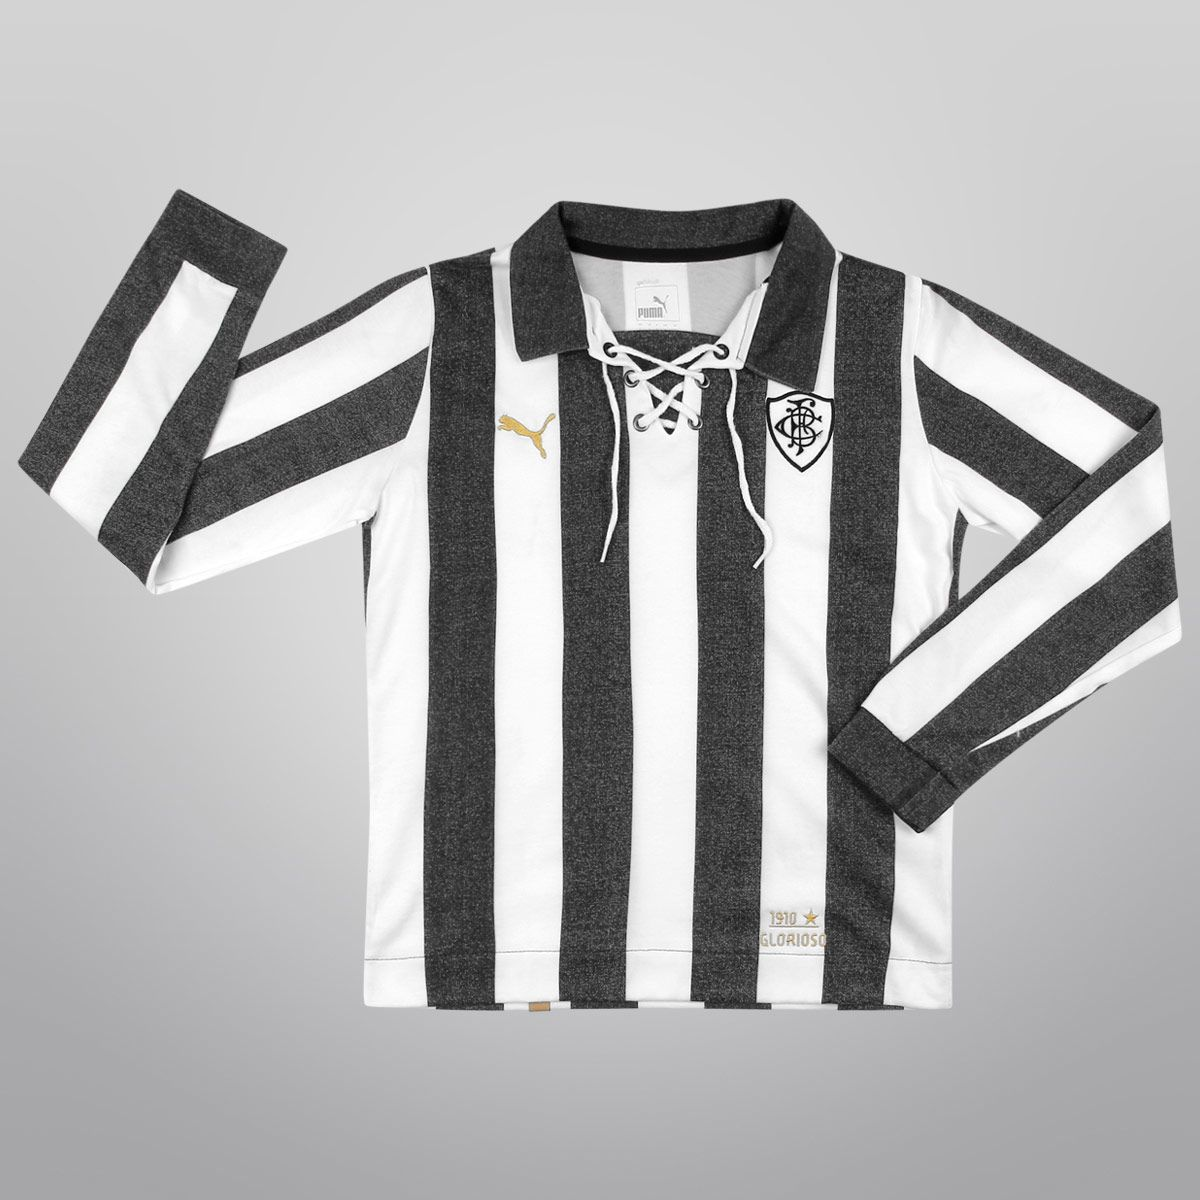 Camisetas de Futebol em Oferta  1a9c4a98a9f43